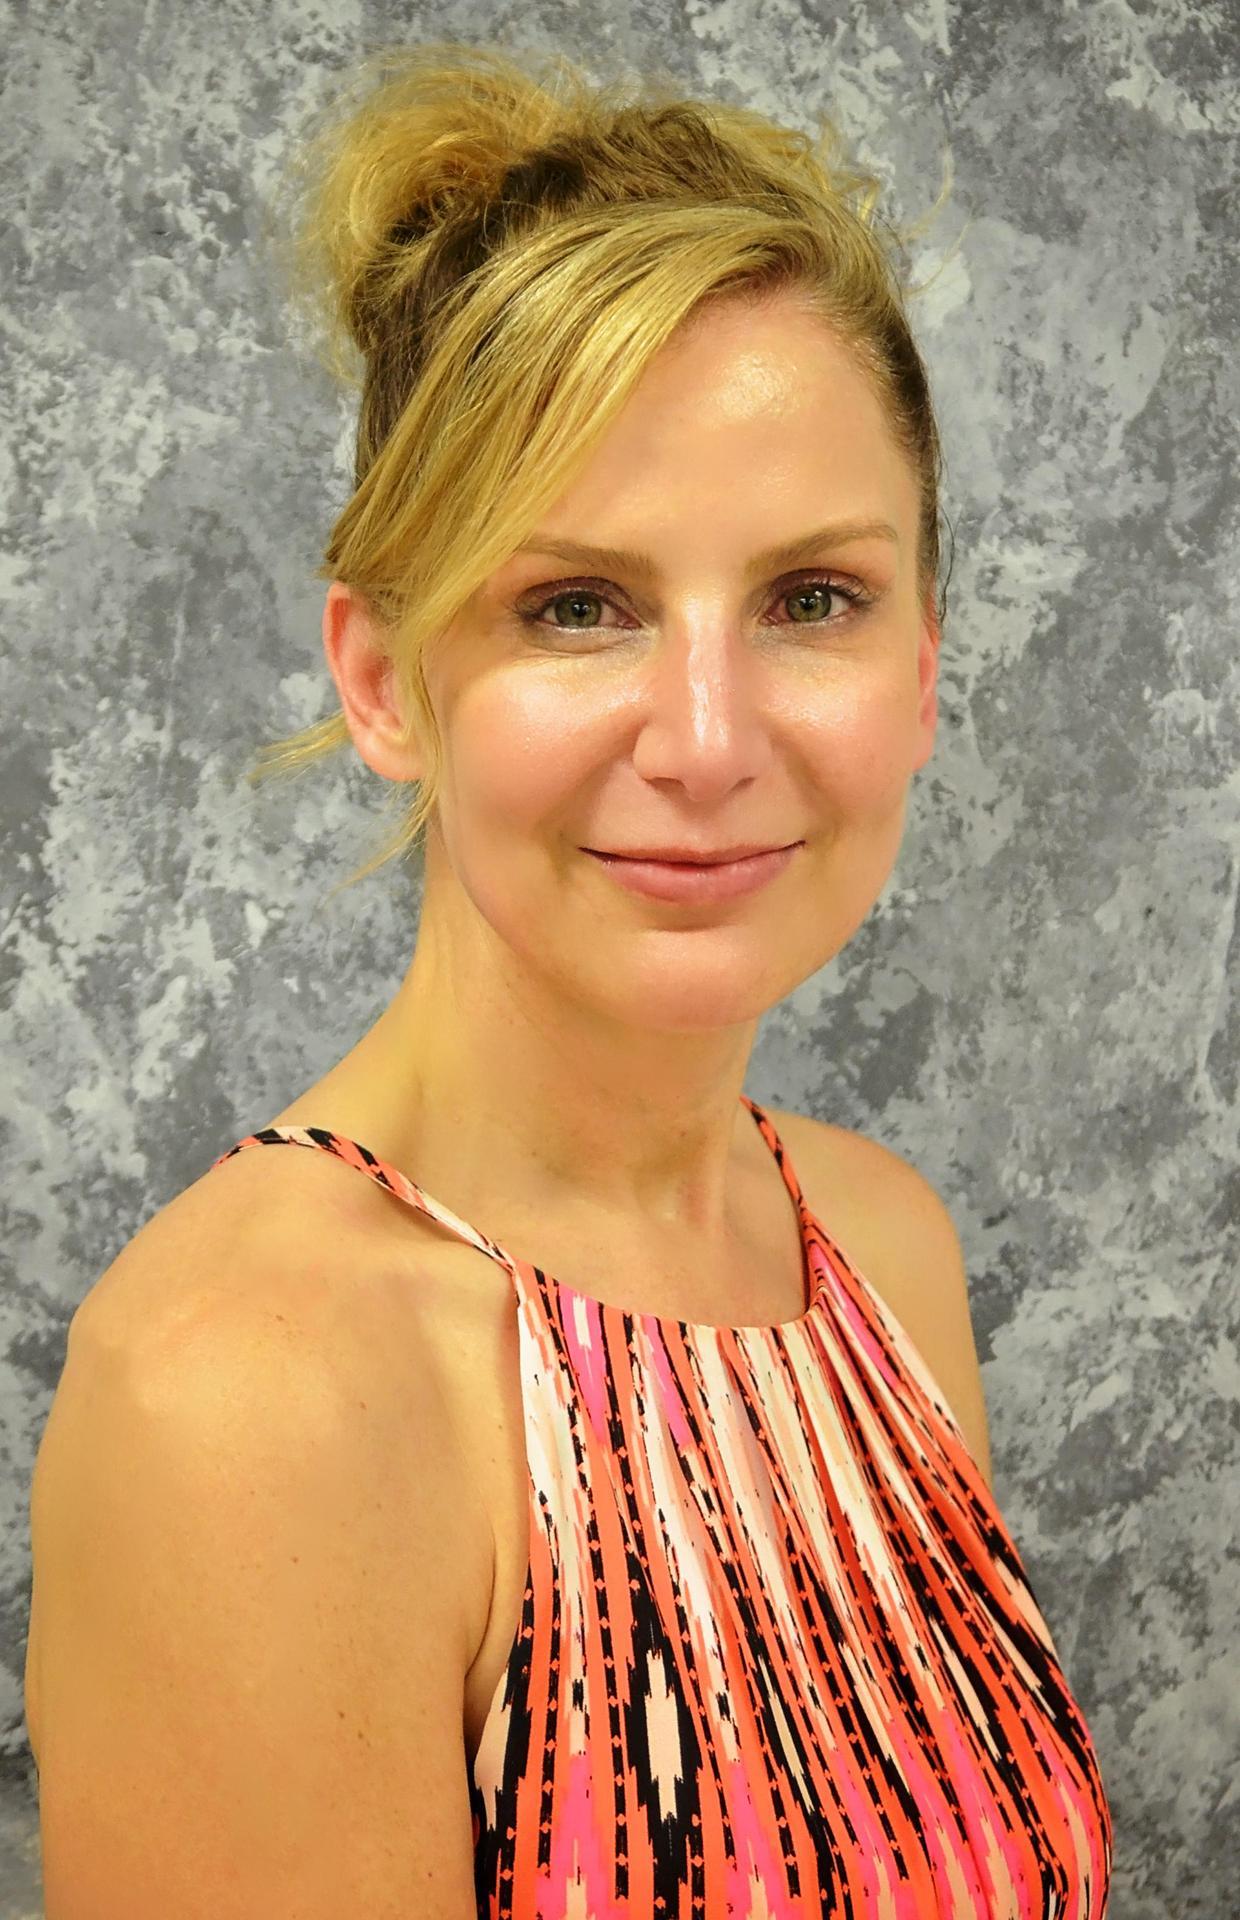 Holly Mott